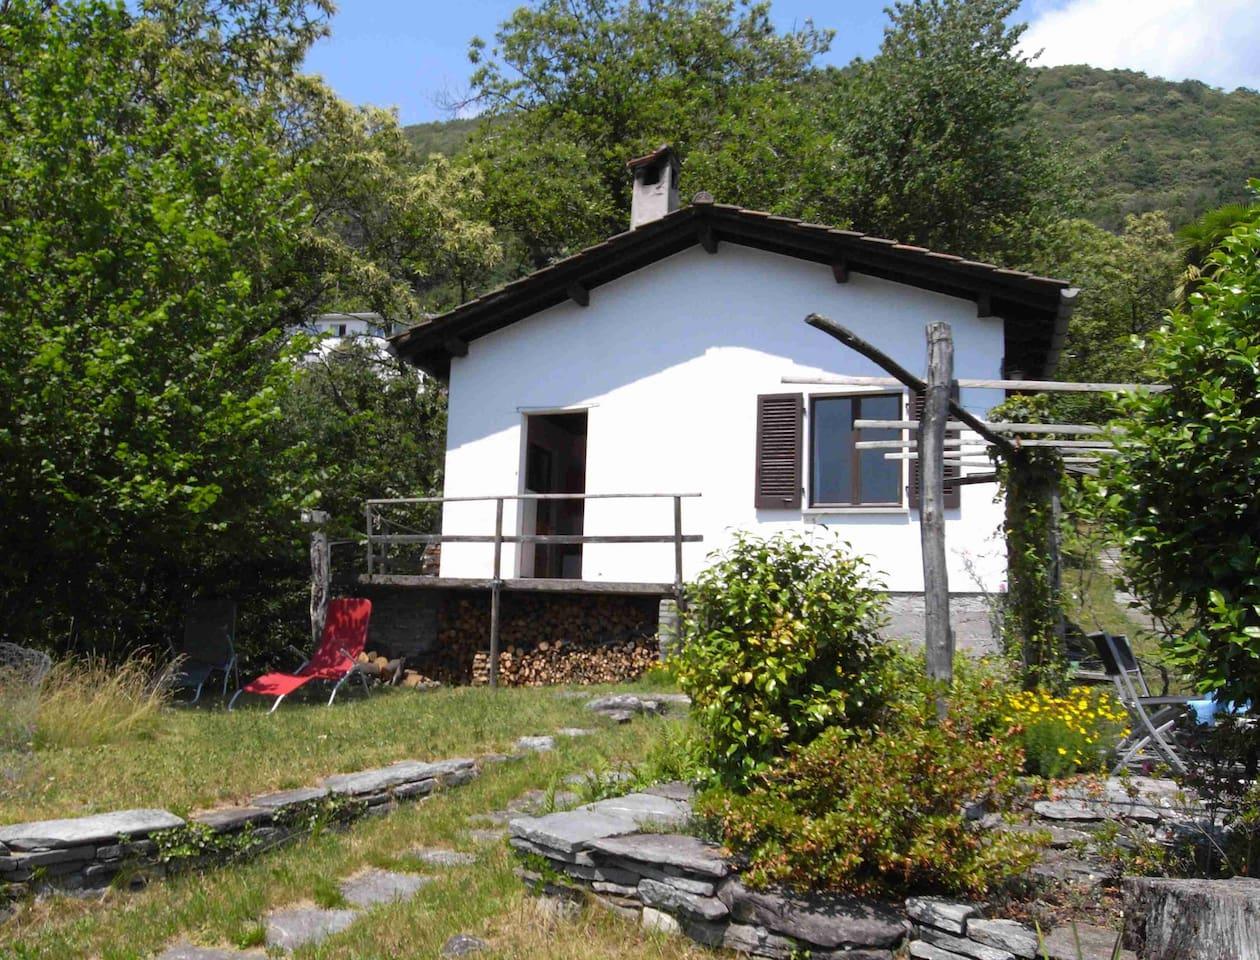 Haus im Grünen, ideal zum Relaxen